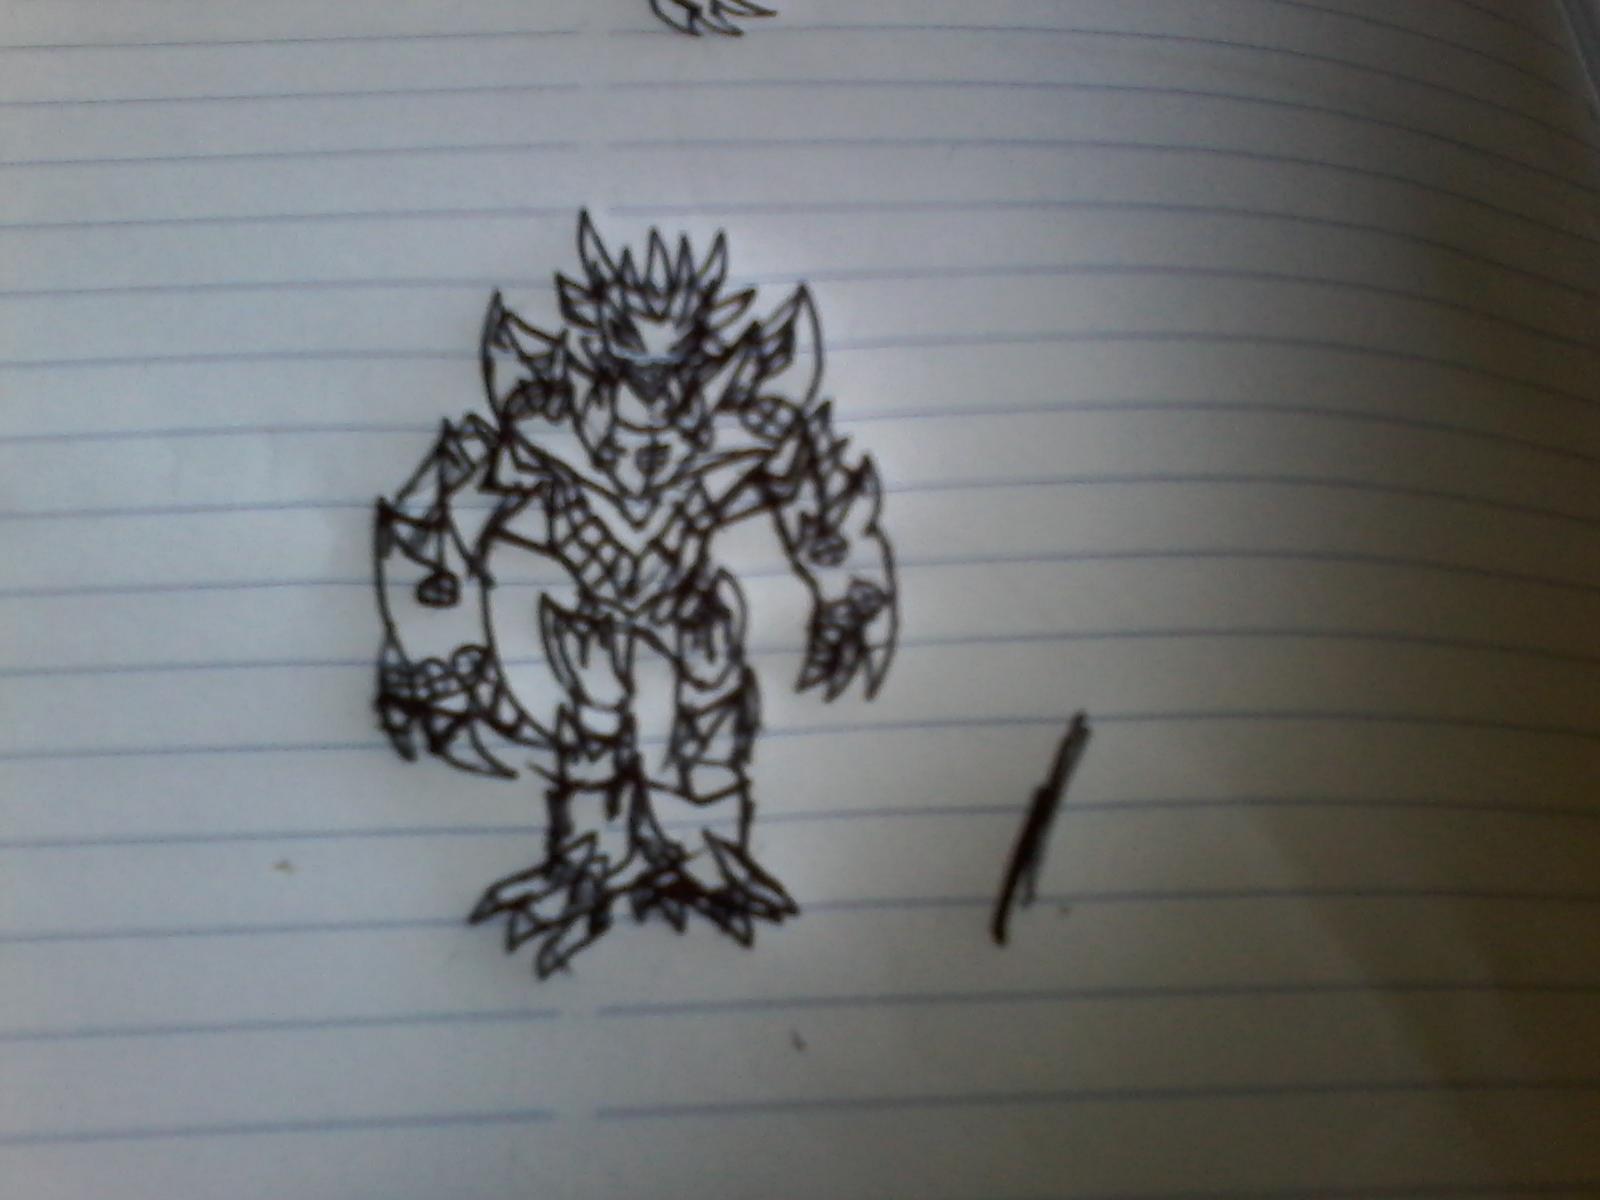 El nuevo monstruo villano mas poderosos de mi franquisia que sera